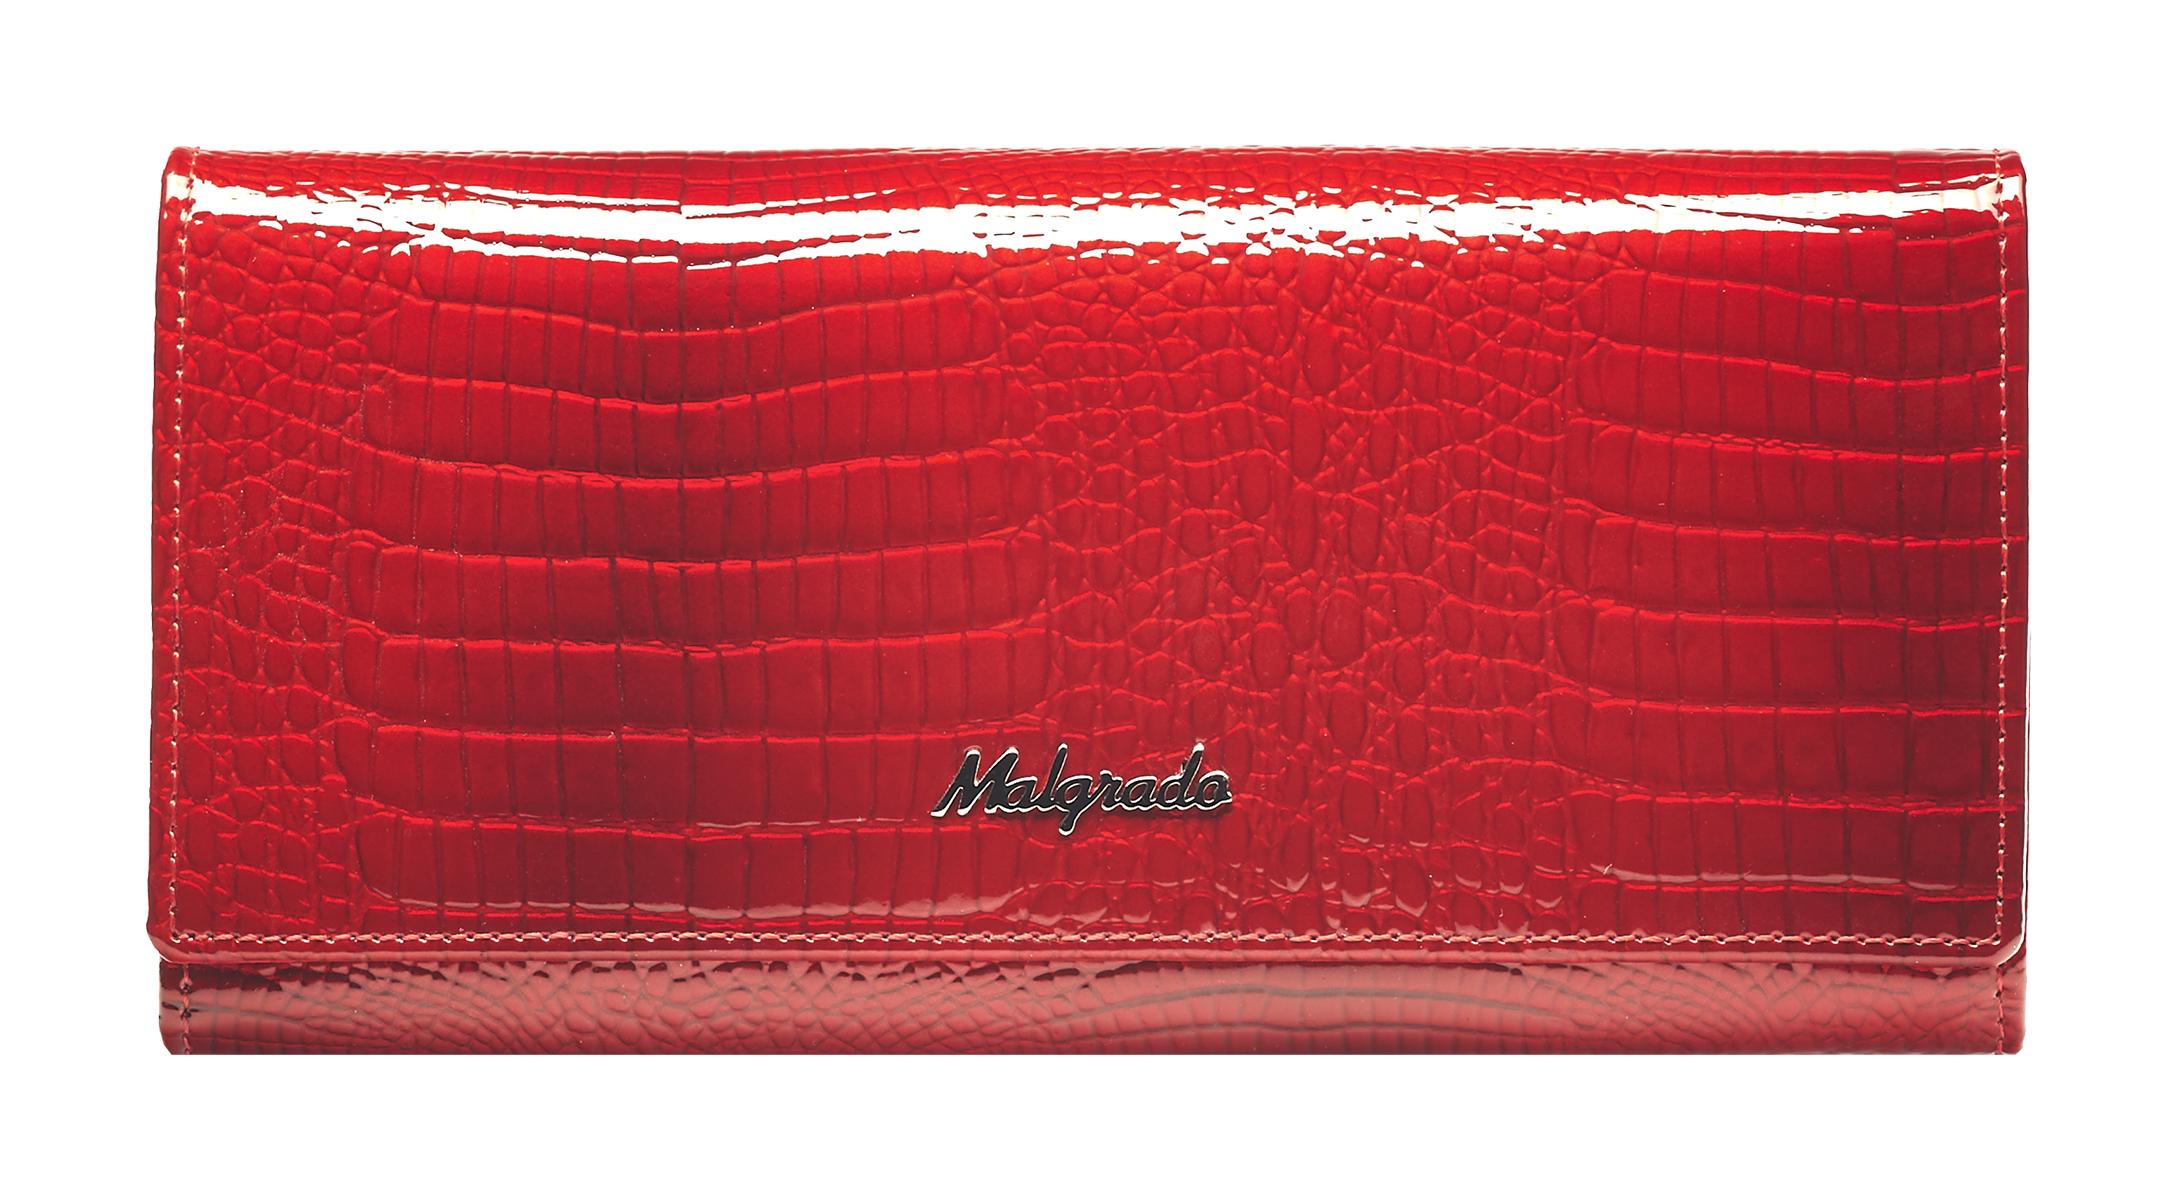 Кошелек женский Malgrado, цвет: красный. 72076-441-022_516Стильный кошелек Malgrado изготовлен из лаковой натуральной кожи красного цвета с декоративным тиснением под рептилию и вмещает в себя купюры в развернутом виде в полную длину. Внутри содержит шесть отделений для купюр, два дополнительных кармана на молнии, четыре кармана для дисконтных карт, визиток, кредиток, один прозрачный кармашек для пропуска, проездного или фотографии и два дополнительных потайных кармана. С оборотной стороны расположен карман на молнии. Закрывается кошелек клапаном на кнопку.Кошелек упакован в подарочную металлическую коробку с логотипом фирмы. Такой кошелек станет замечательным подарком человеку, ценящему качественные и практичные вещи. Характеристики:Материал: натуральная кожа, текстиль, металл. Размер кошелька: 18,5 см х 9 см х 3 см. Цвет: красный. Размер упаковки:23 см х 13 см х 4,5 см. Артикул: 72076-44.